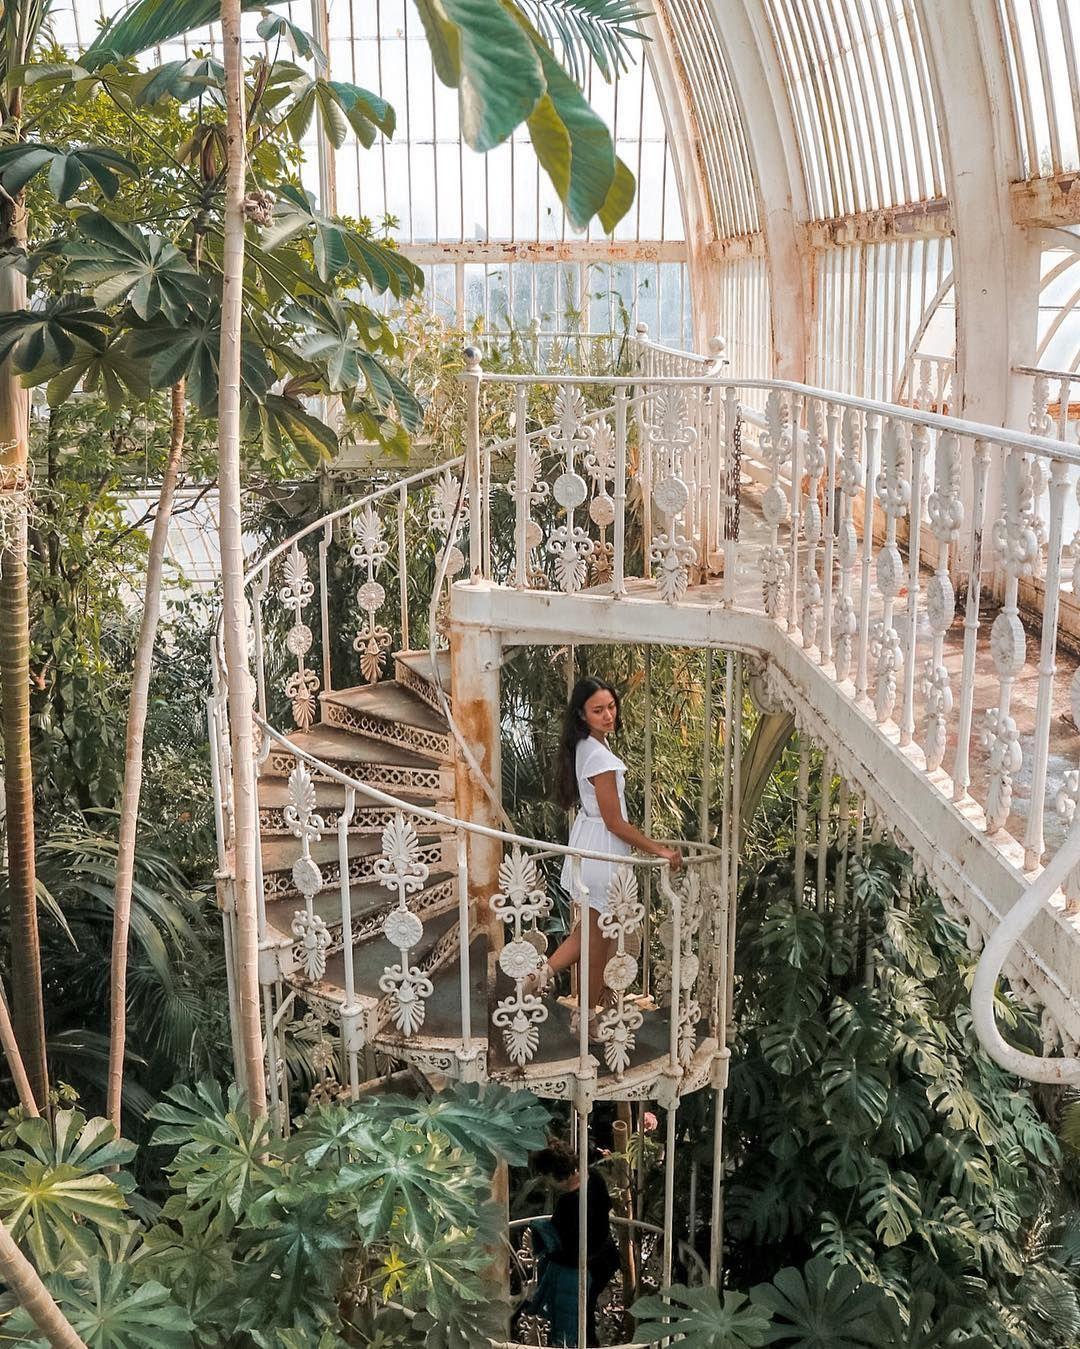 3ce45f4346e05b2fcbb9a57408b5ec5c - Where Is Kew Gardens London Located